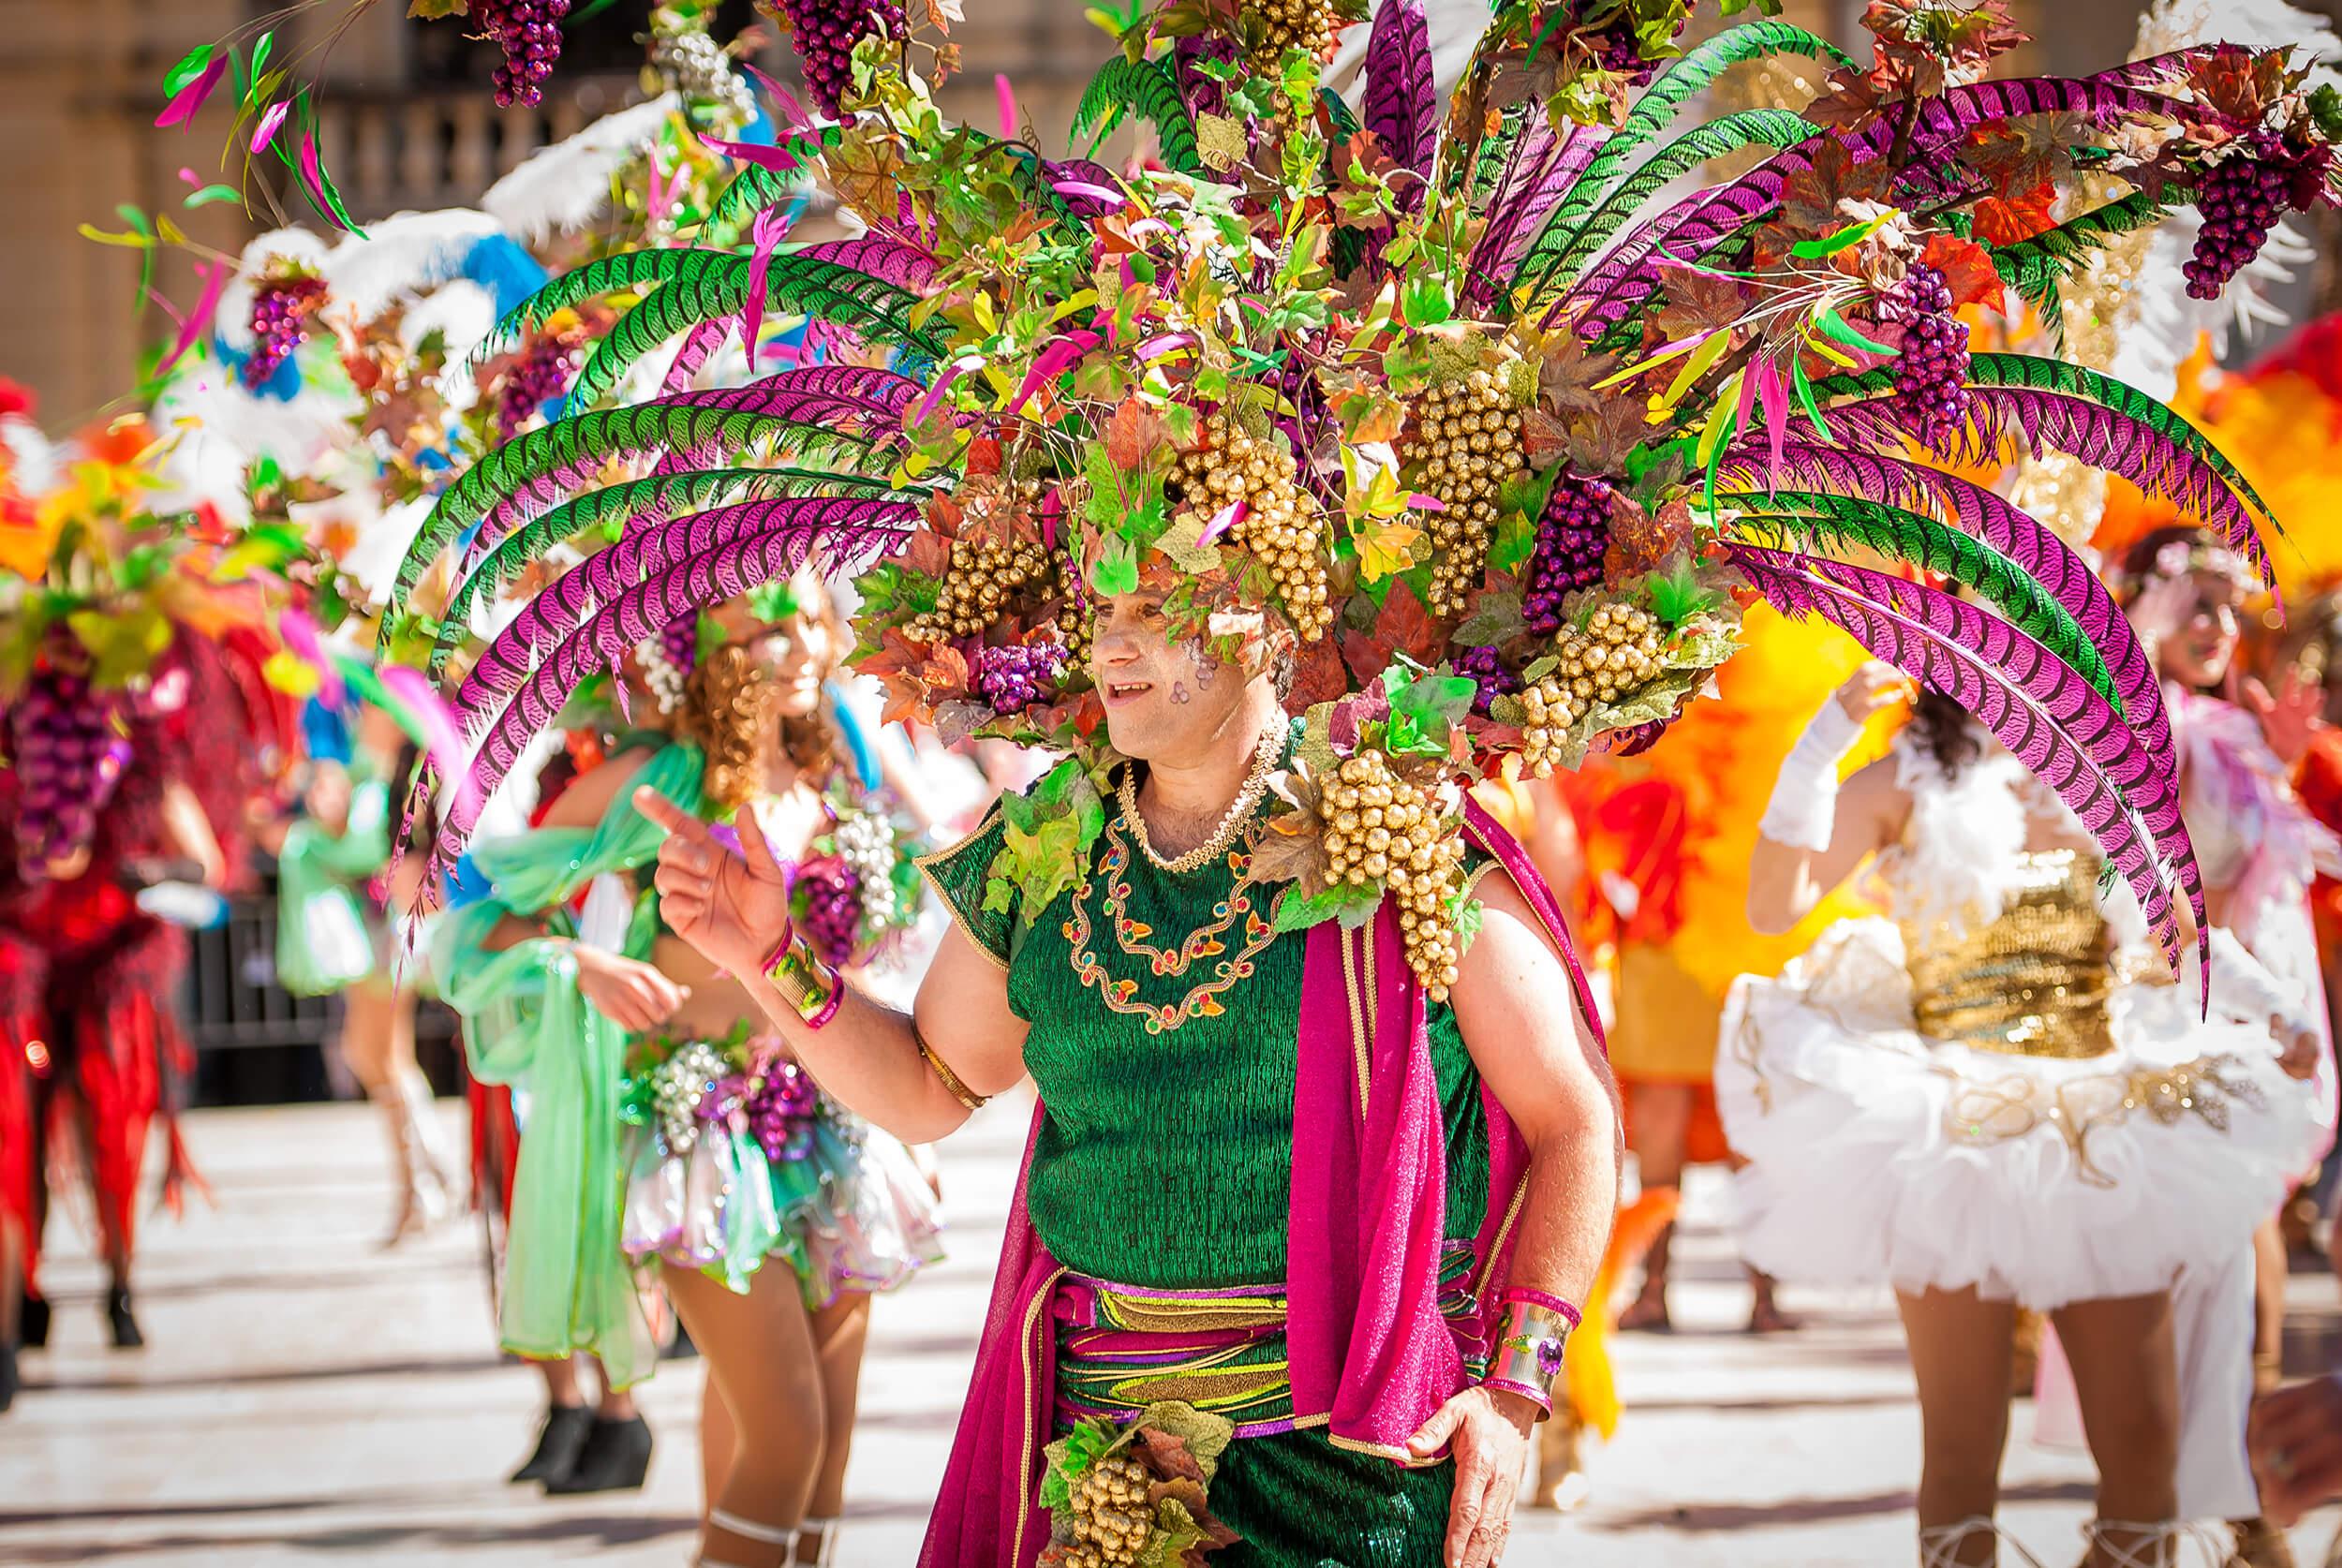 costume carnival-gozo